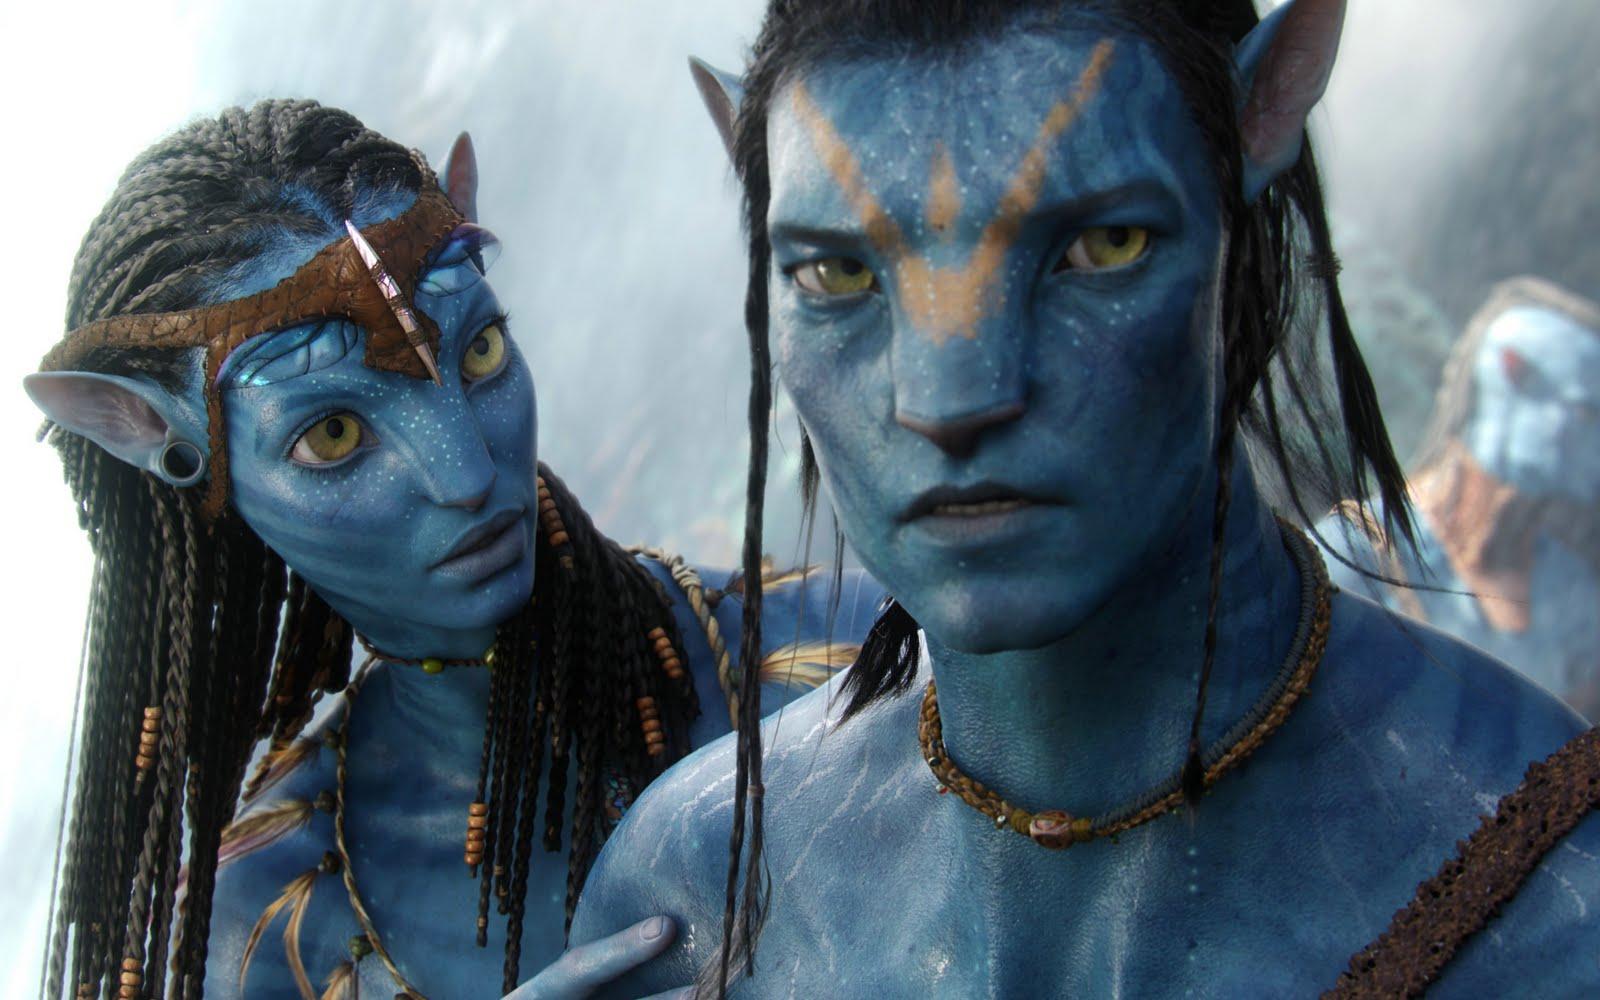 Avatarlar d d d özenti konu değil gir bak